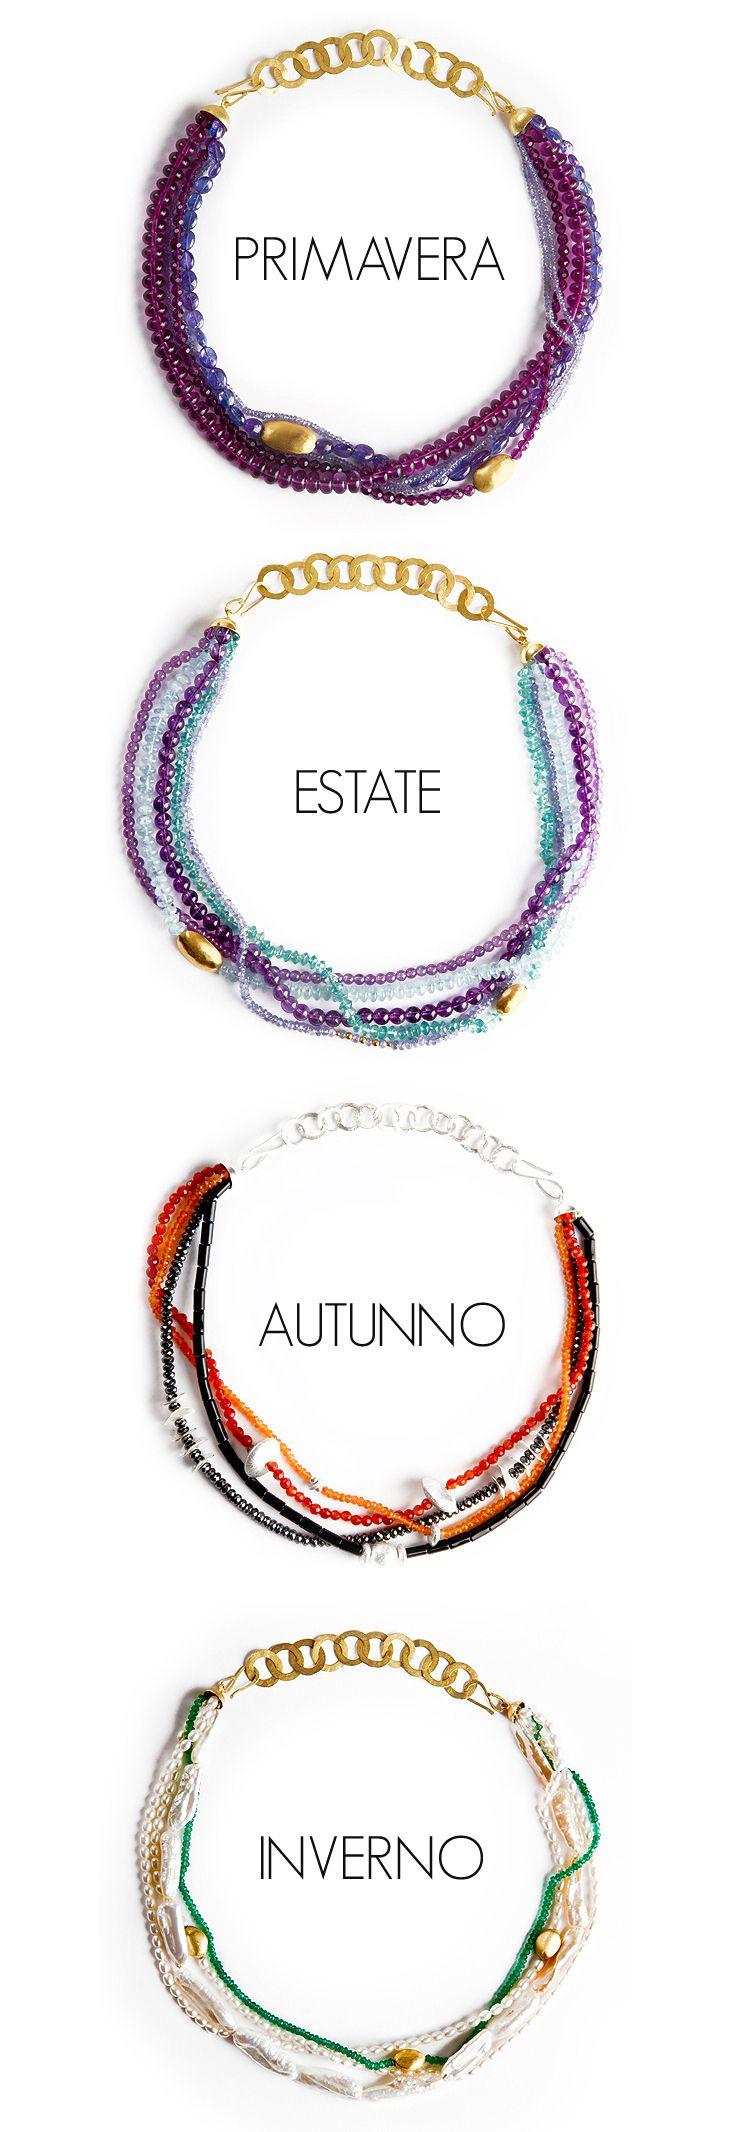 An exquisite sensation for every season. - Quattro Stagioni da indossare. #FourSeason #Season #quattro #stagioni #Collane #Necklaces #Gioielli #Jewellery